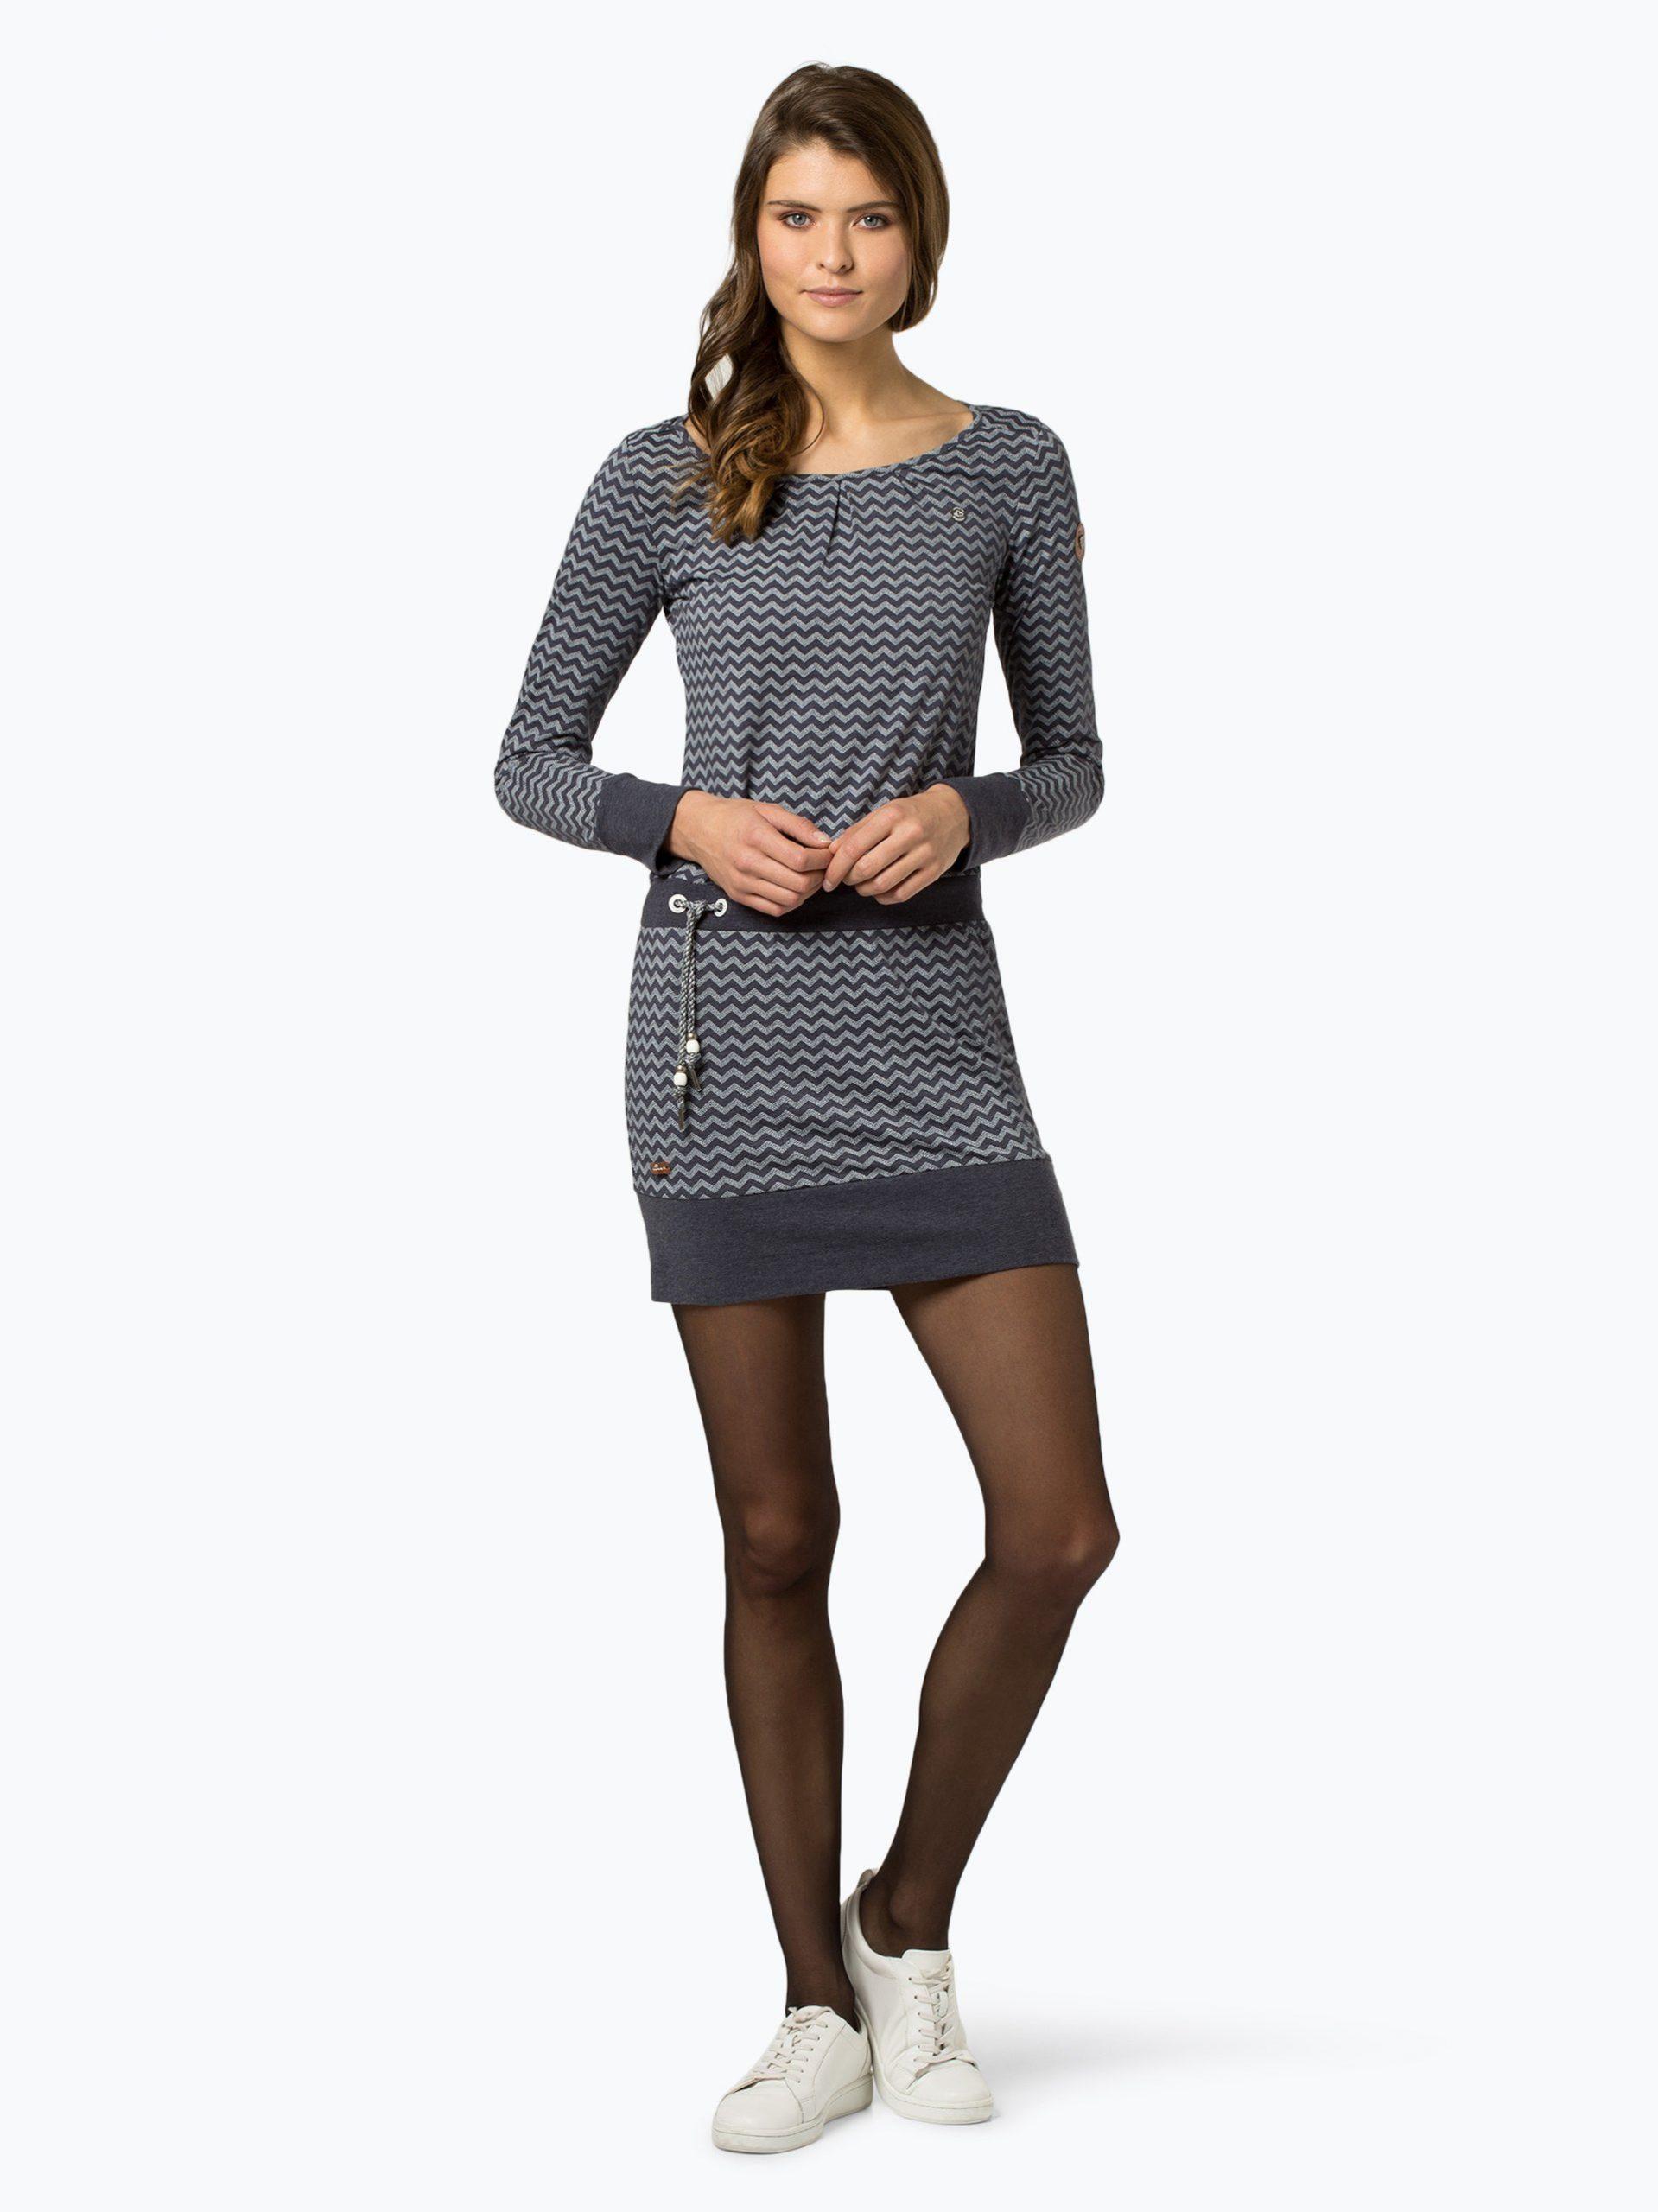 Ragwear Damen Kleid  Alexa Online Kaufen  Peekund